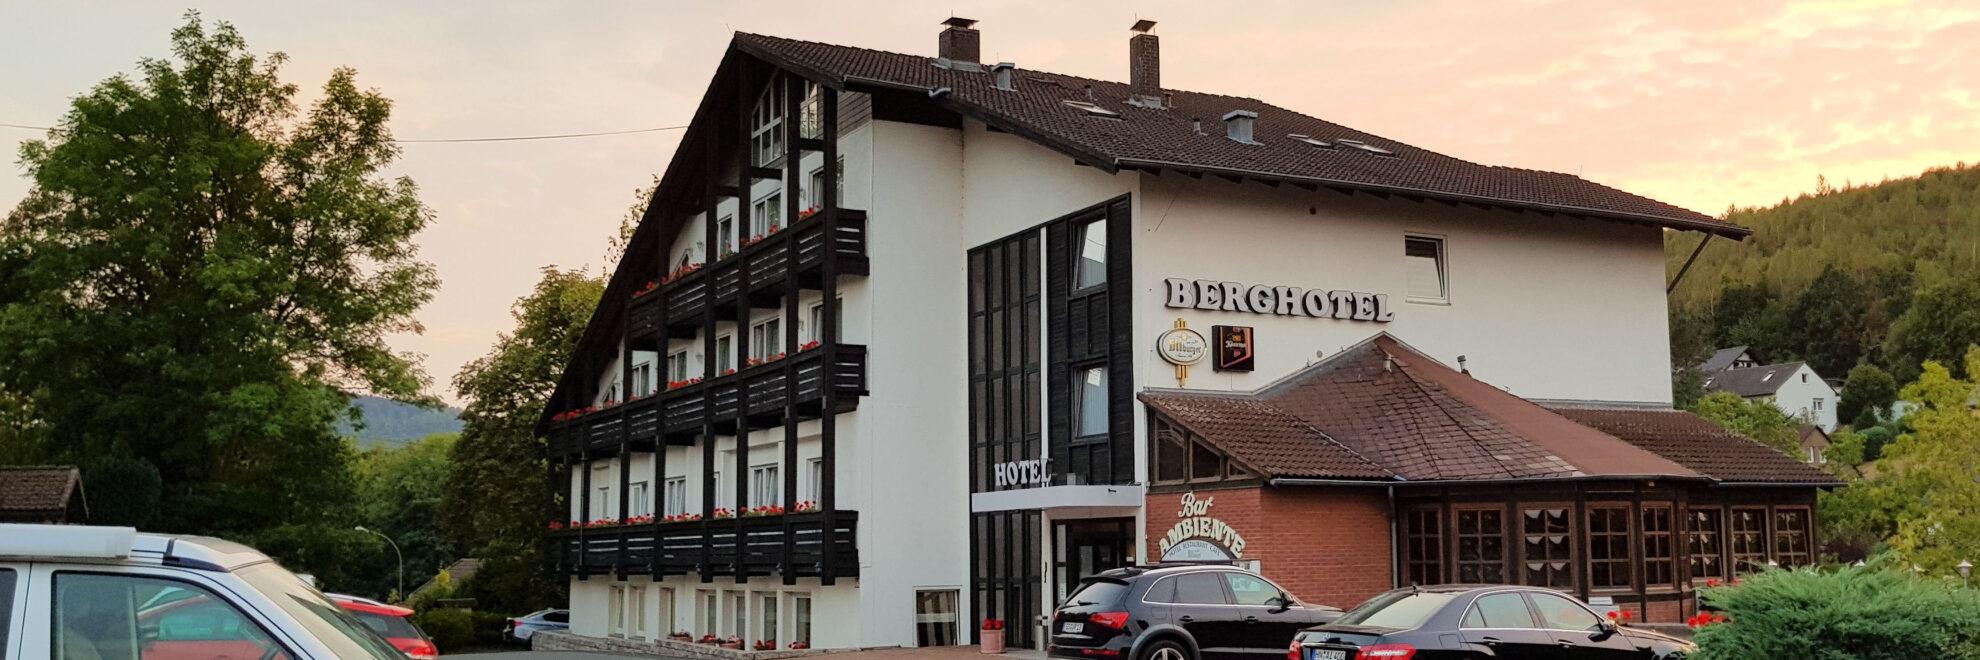 Wolfshagen im Harz: Berghotel Wolfshagen